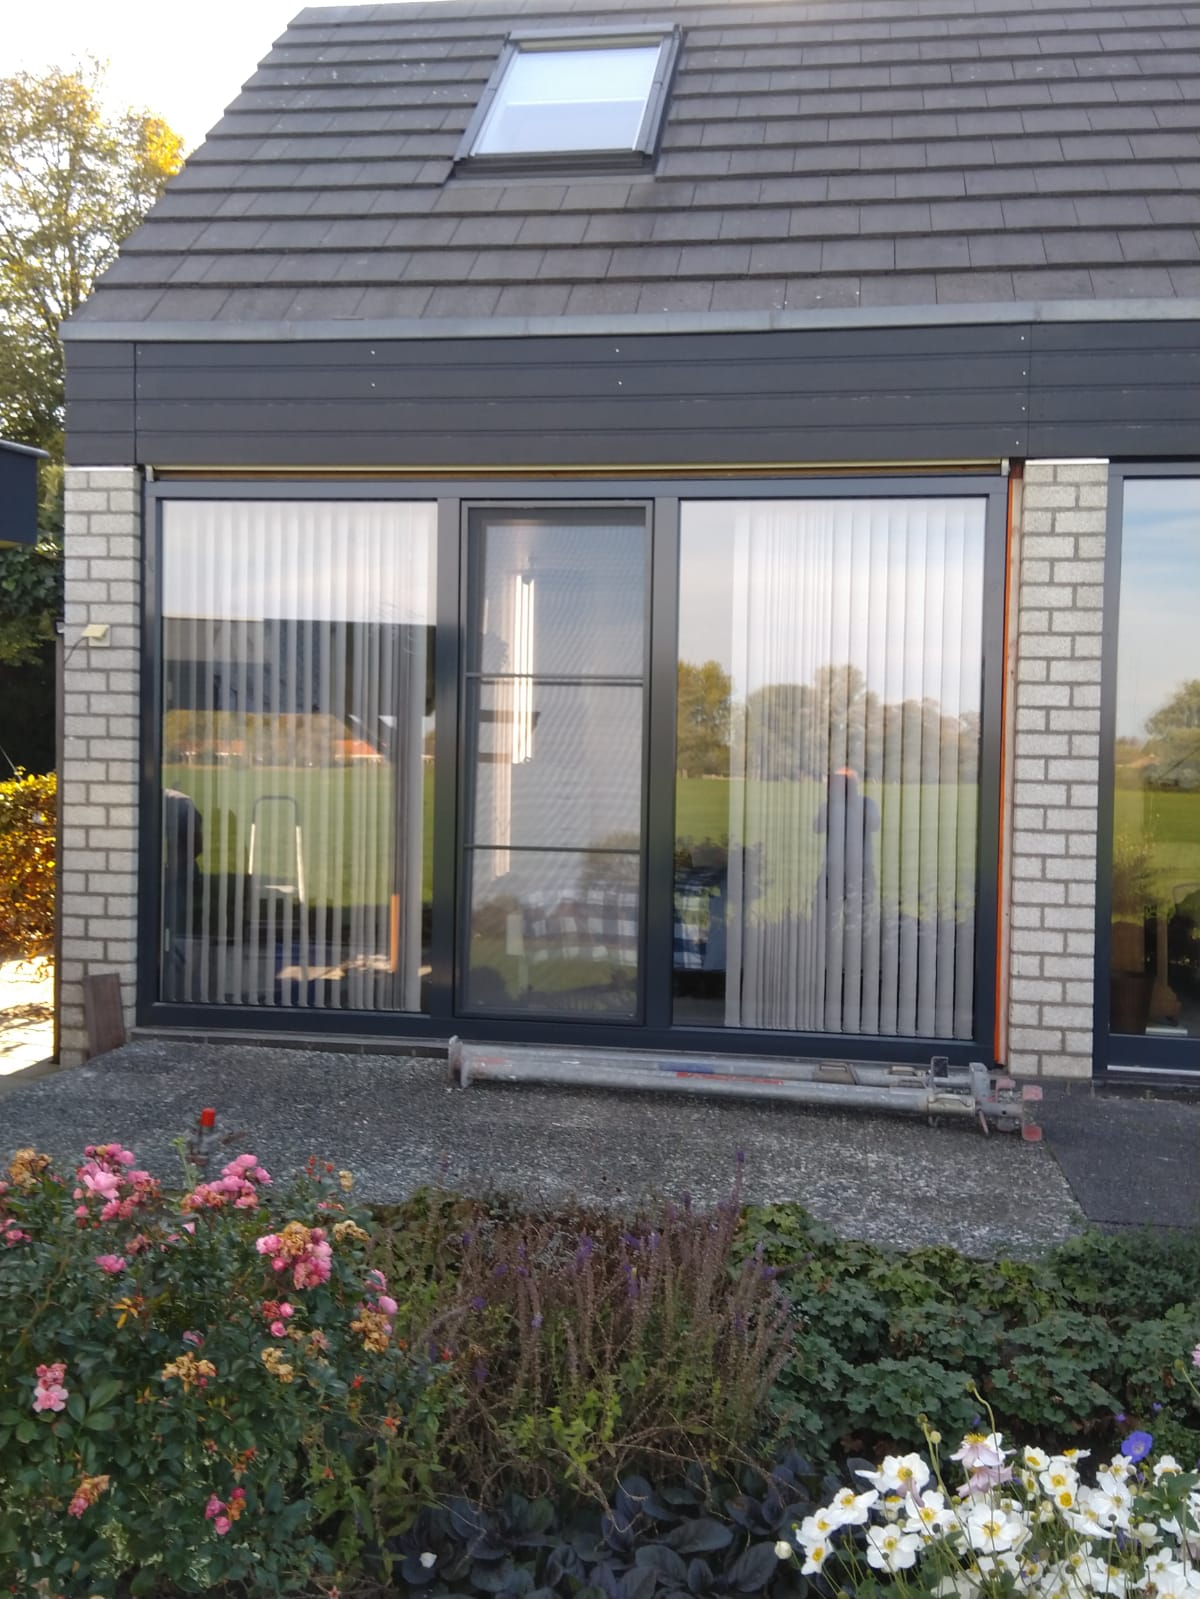 Openslaande deuren en draaikiep deur te Loenen aan de vecht!